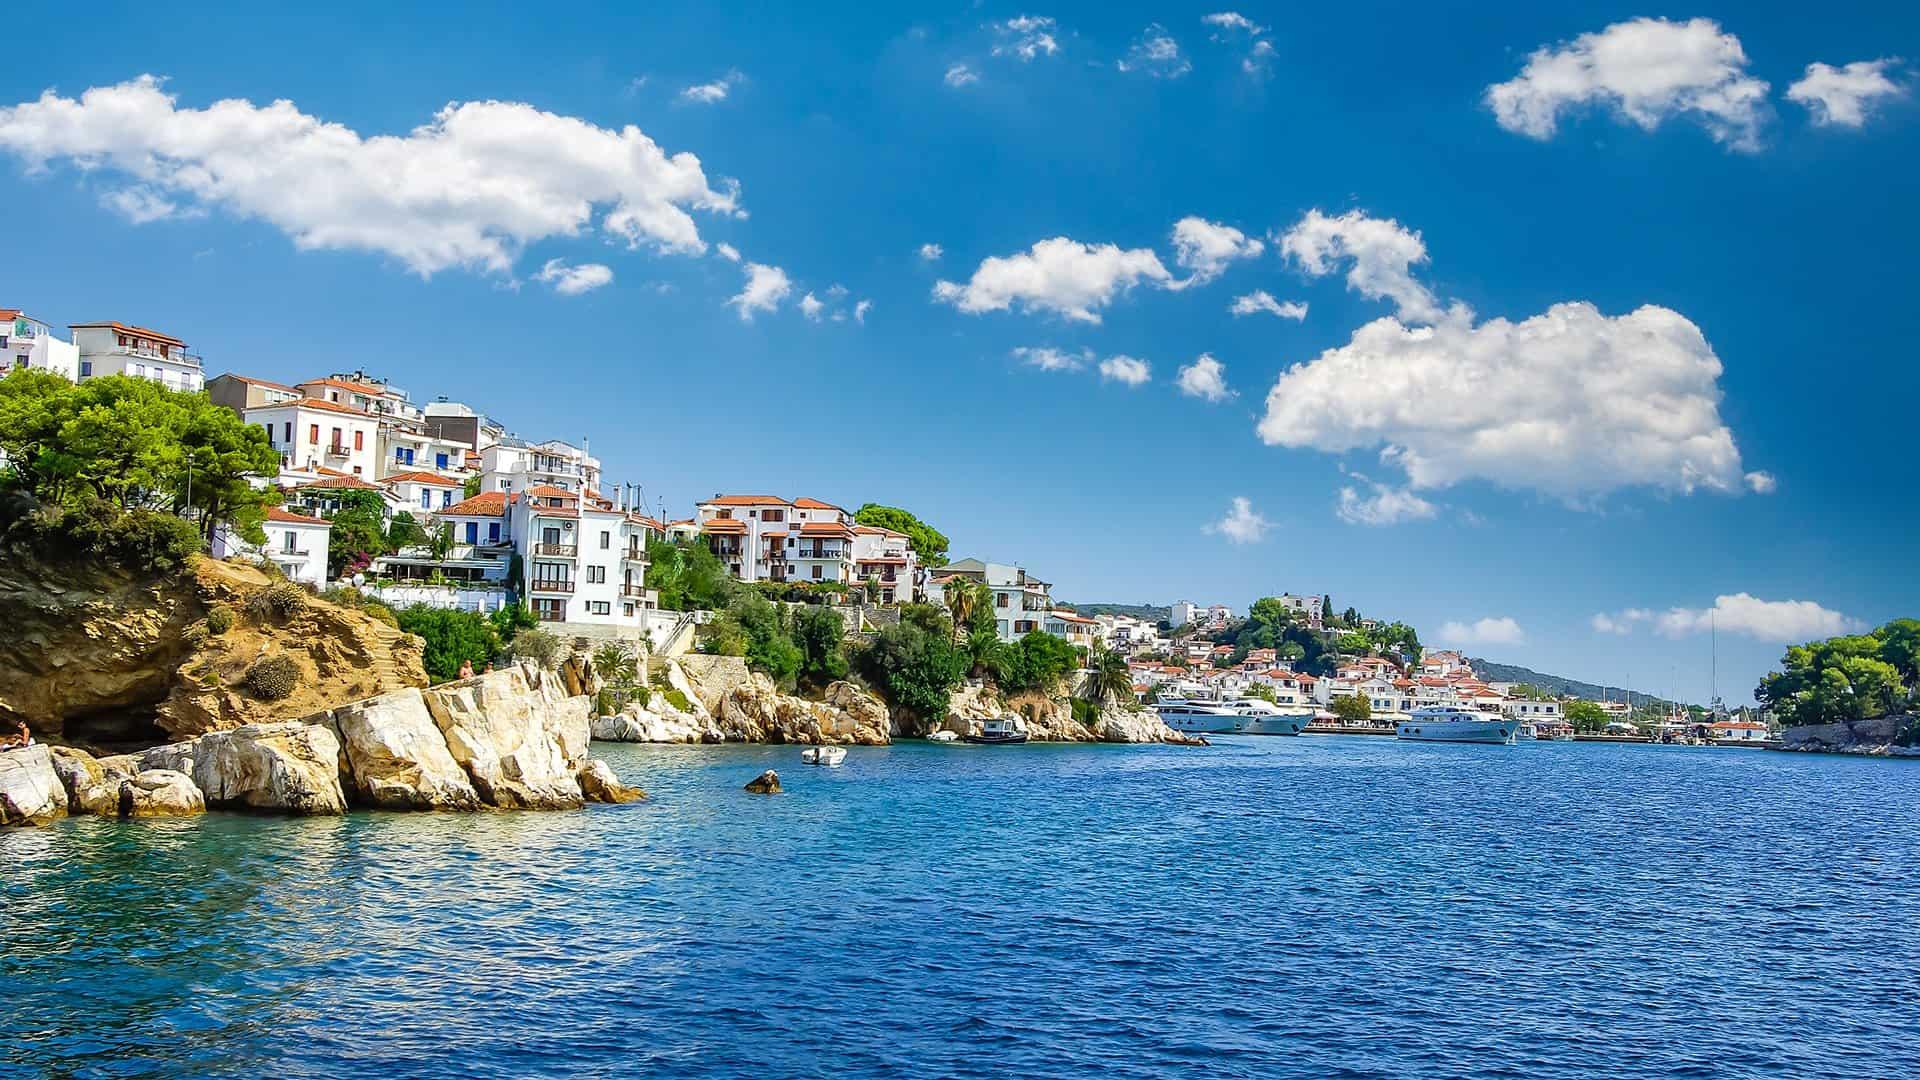 Отпуск от А до Я: отдых на Кипре — отзывы и полезные советы туристов